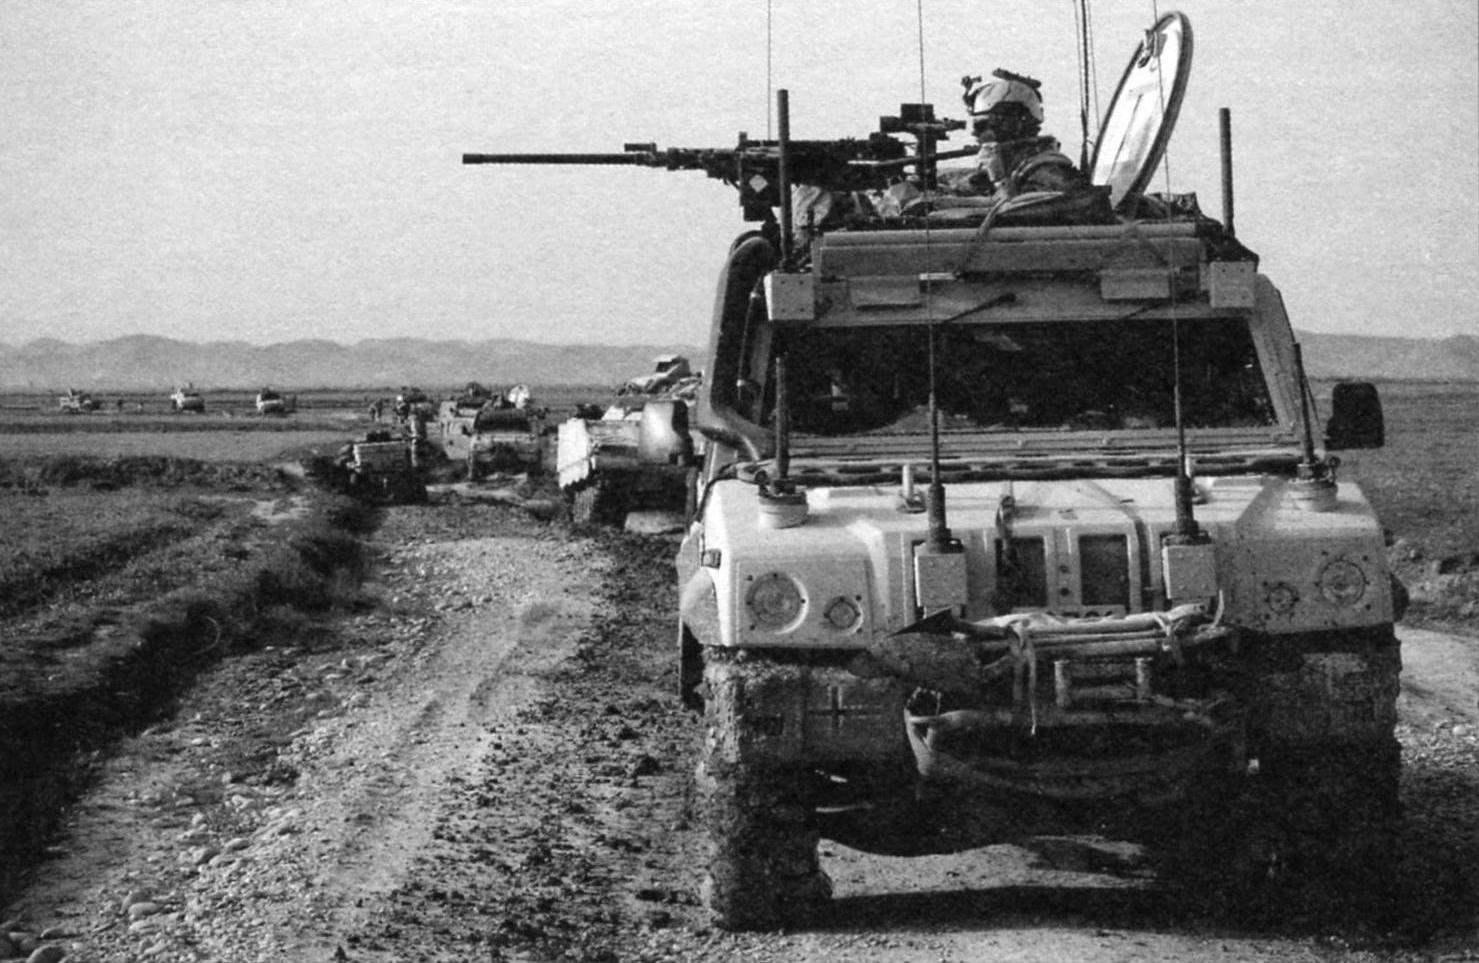 Колонна бронеавтомобилей «Ивеко» продвигается в пустынном районе Афганистана